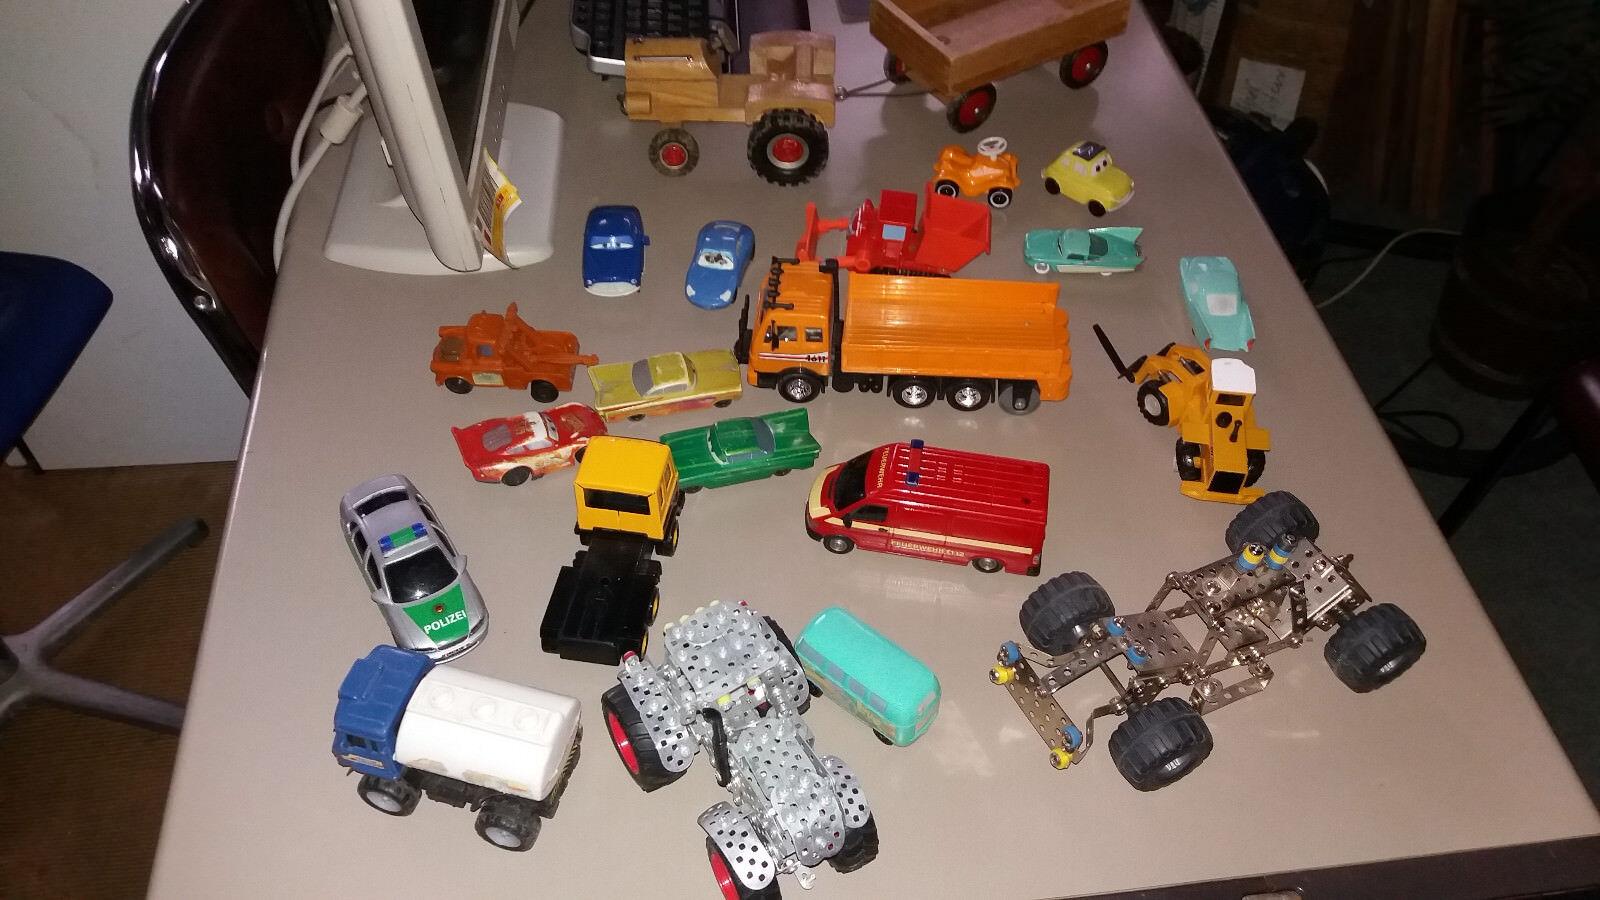 Spielzeug Autos - Sammlung - Gemischt - Paket - Dachbodenfund - Top